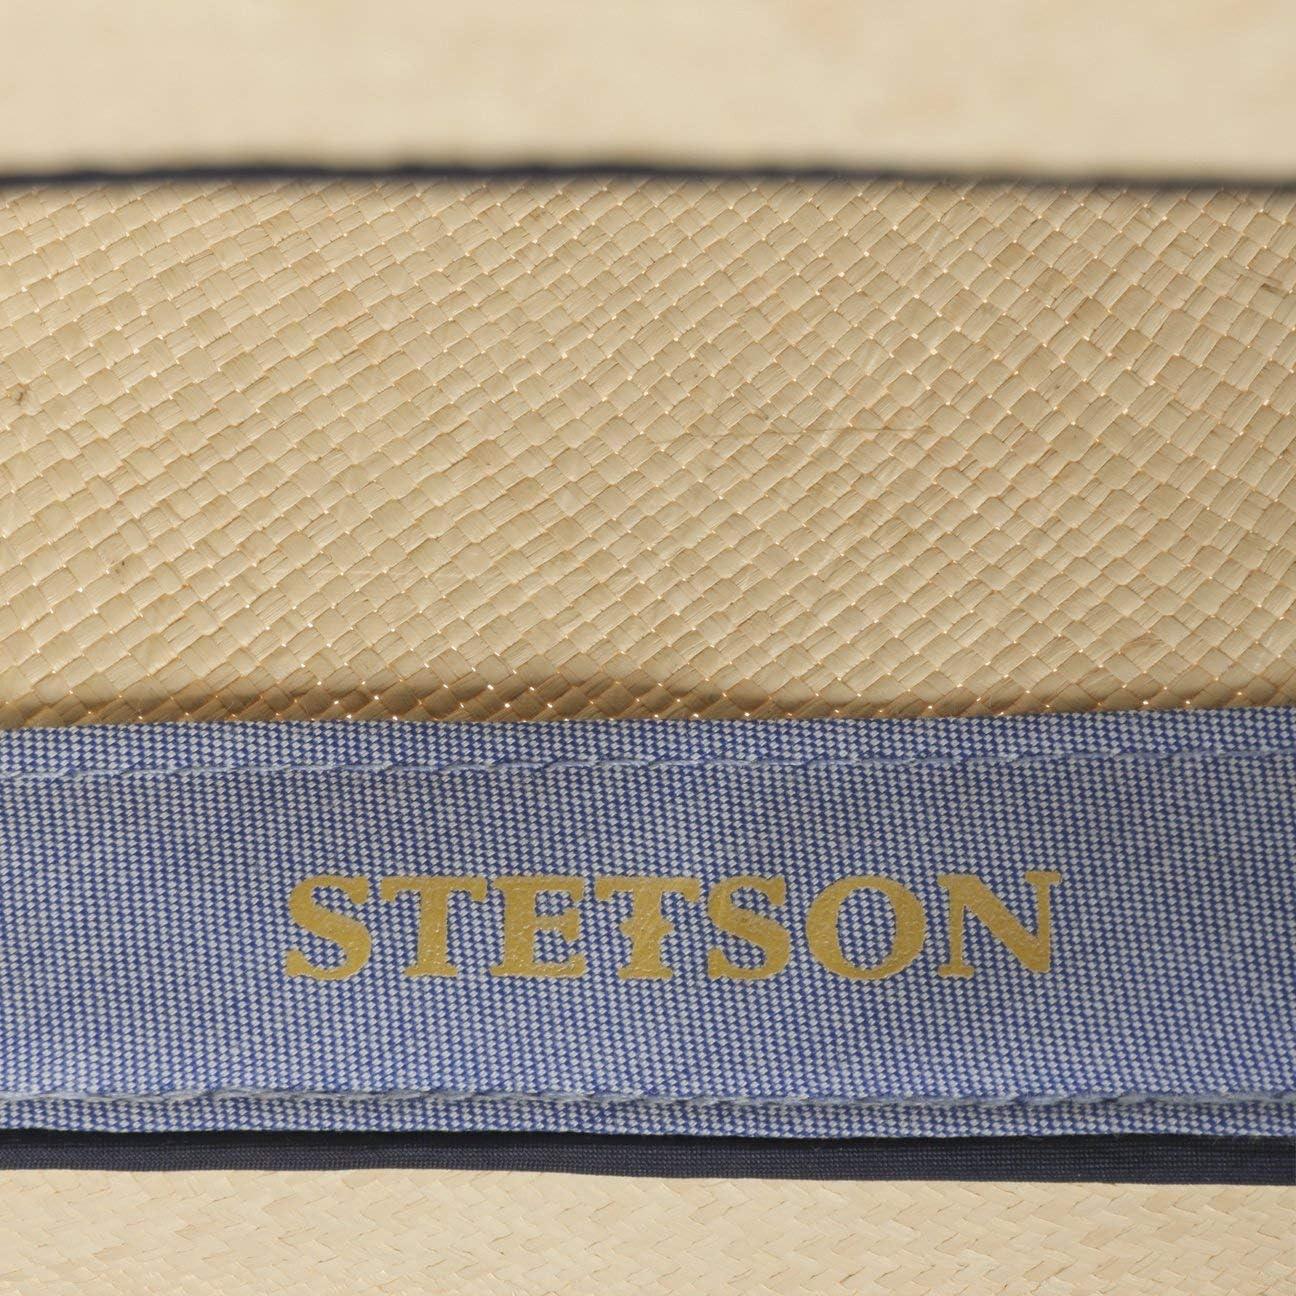 Stetson Chapeau Panama Durmand Fedora Homme Grain Printemps-ete Made in Ecuador de Soleil DEte en Paille avec Ruban Gros Grain